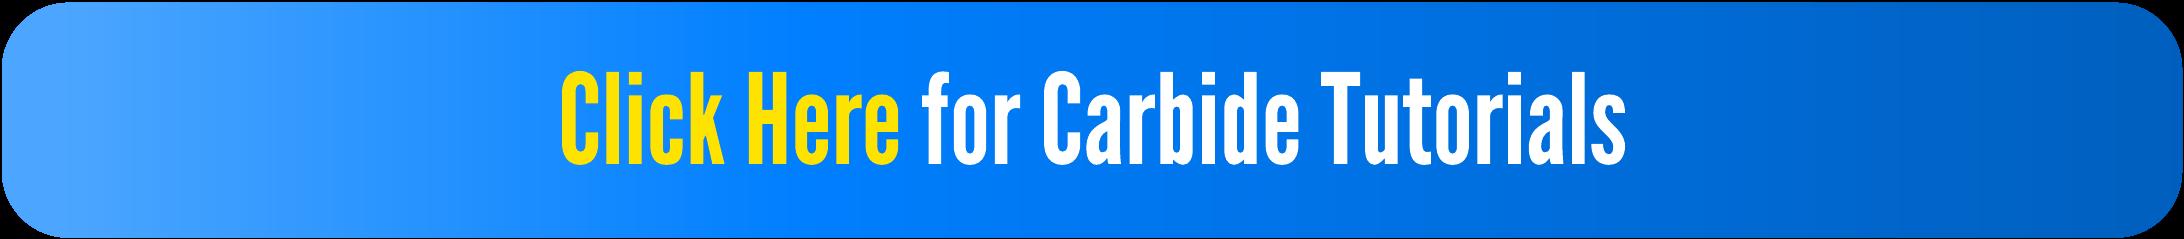 Click Here for Carbide Tutorials